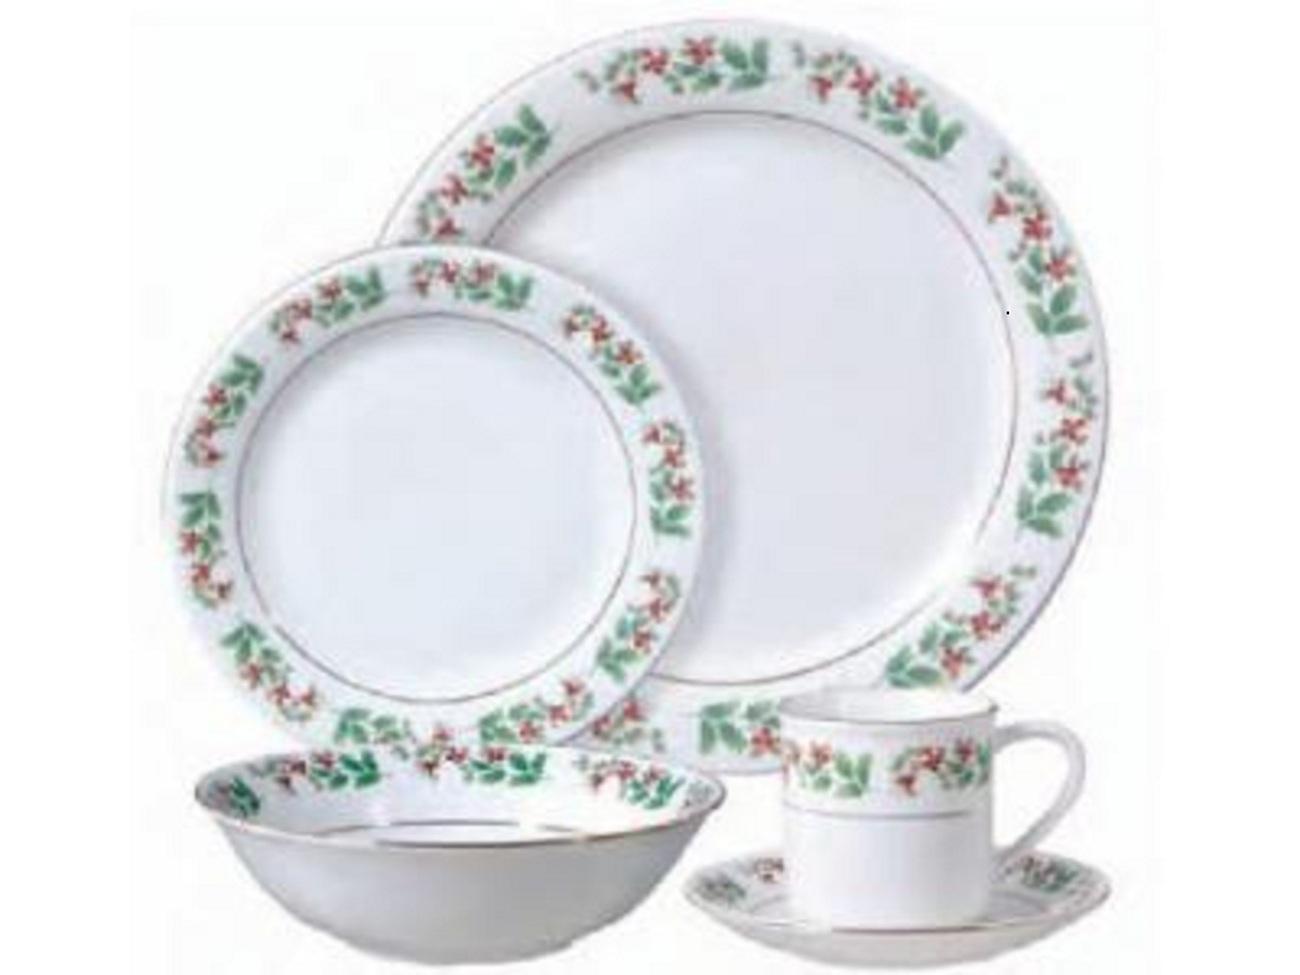 Elegant Christmas Holiday Gold 20 Piece Dinnerware Setnew  sc 1 st  Castrophotos & Christmas China Dinnerware Sets - Castrophotos